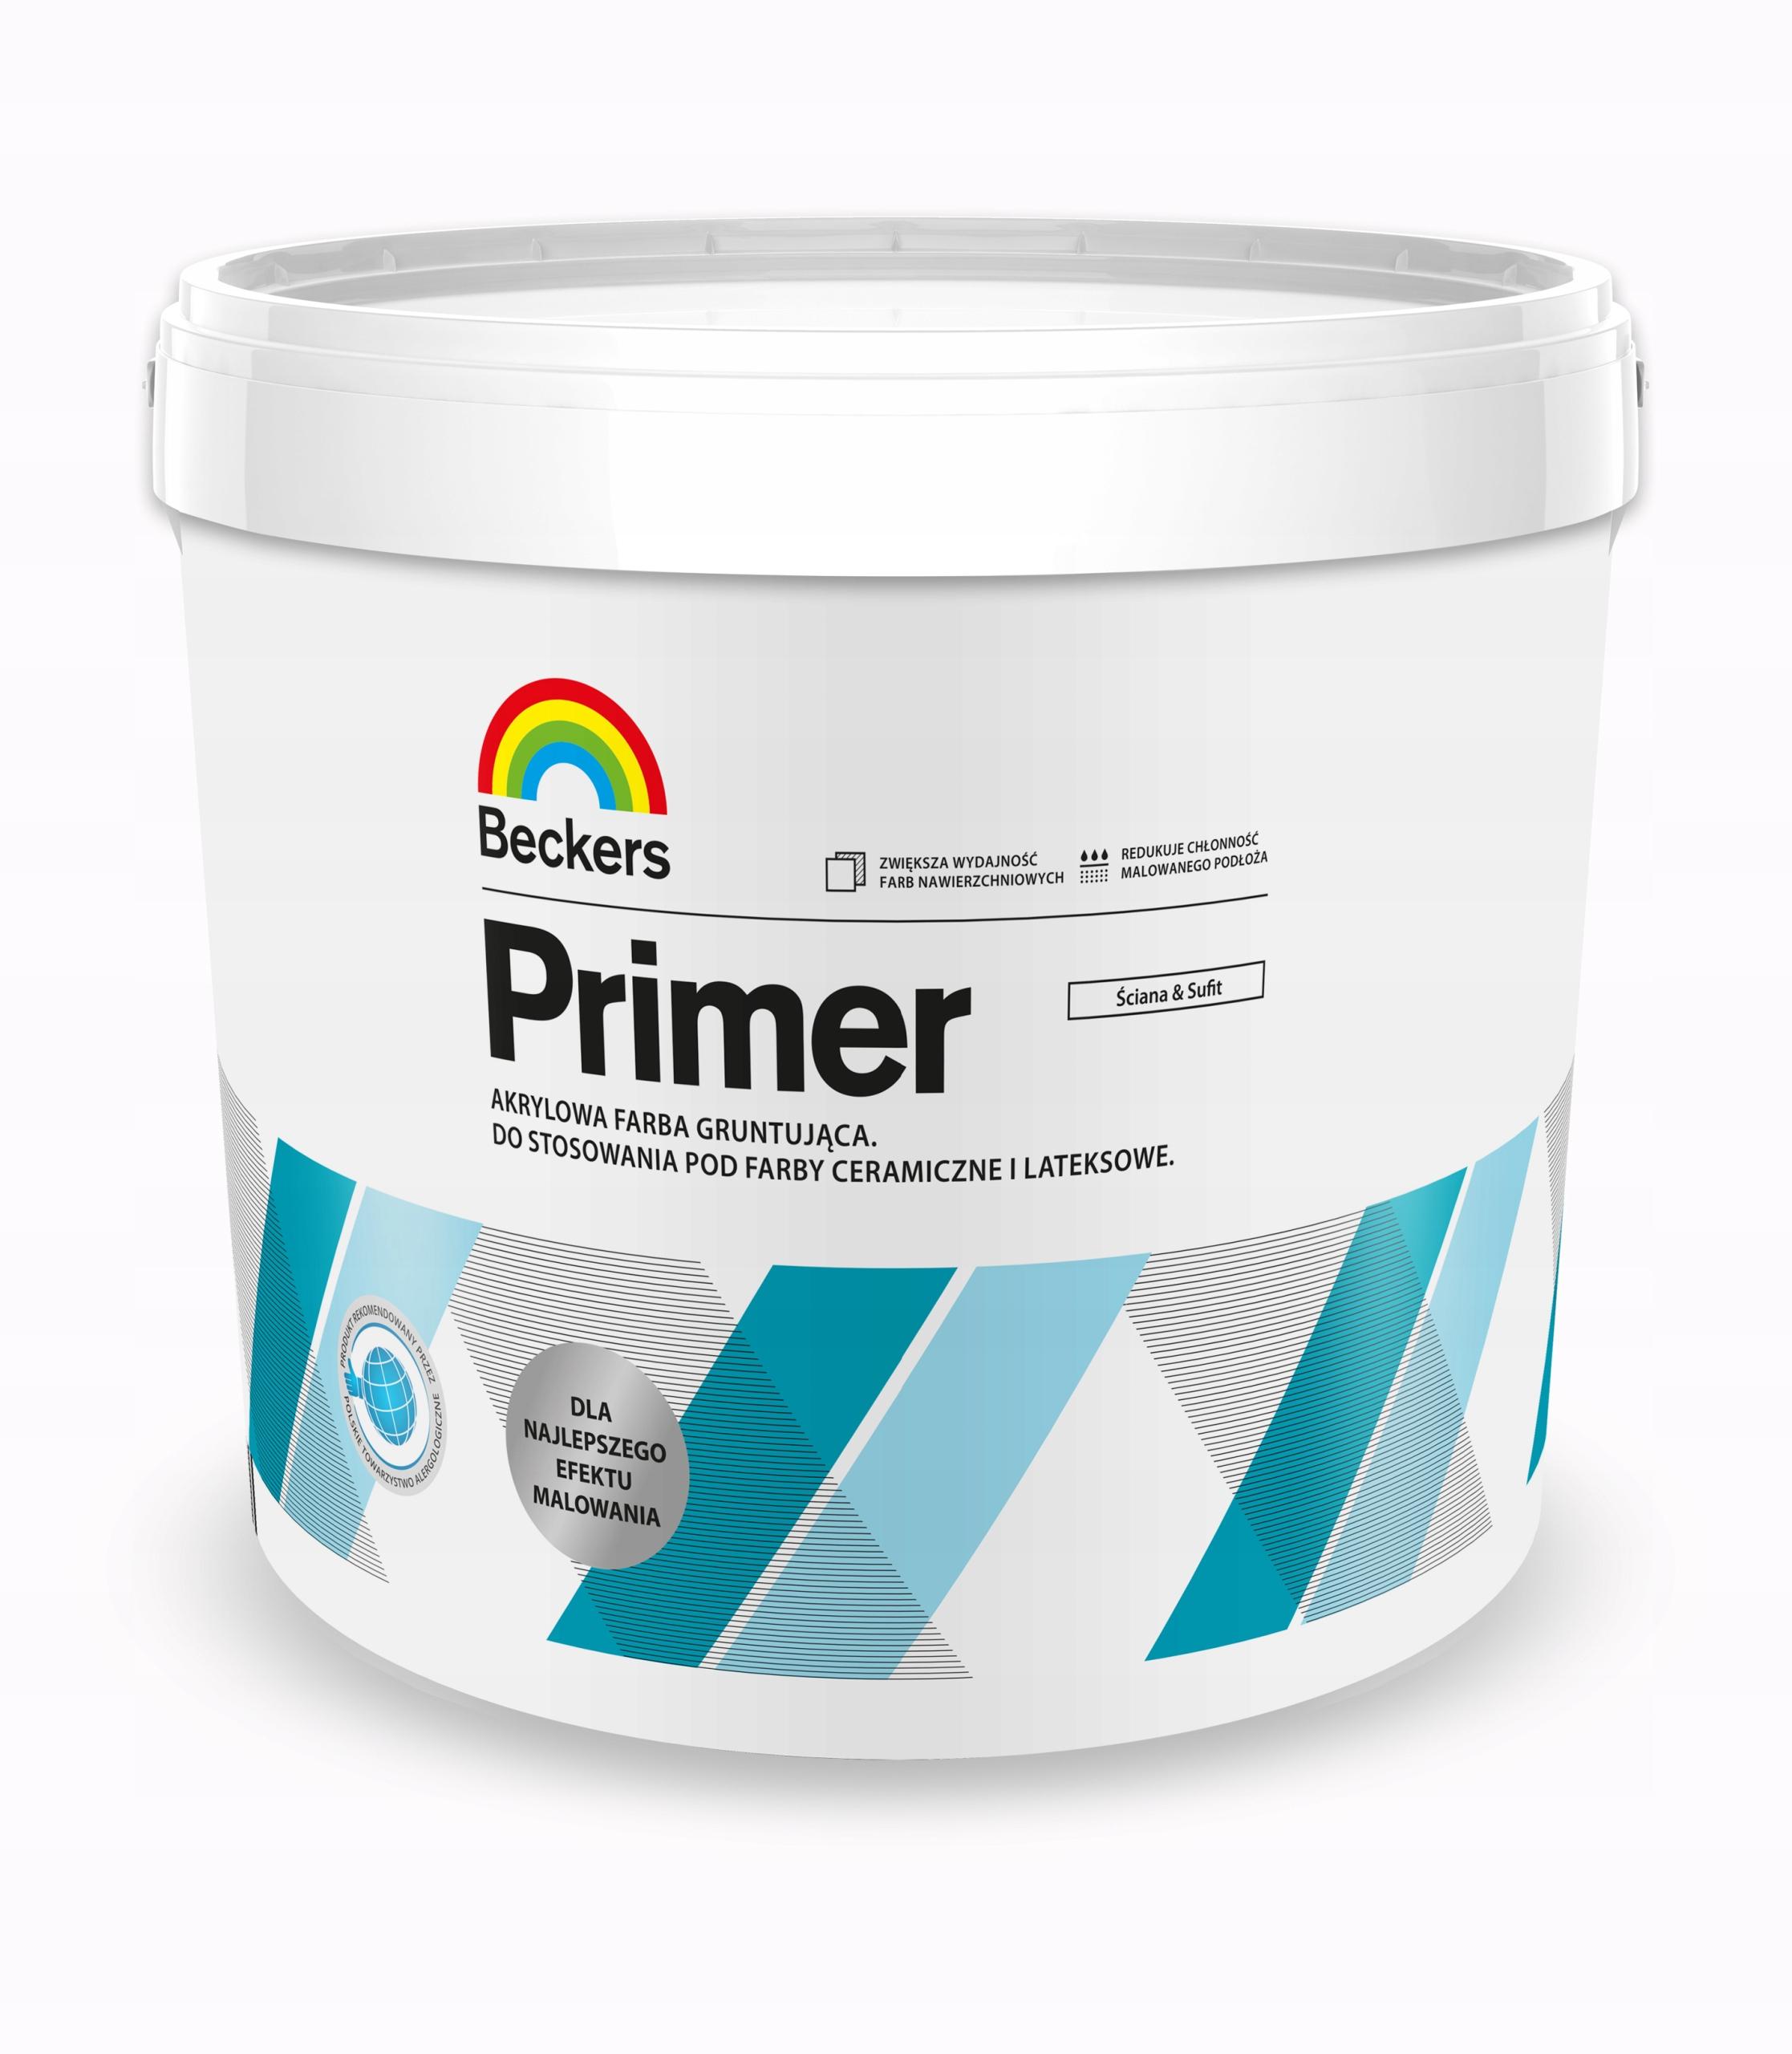 Beckers Designer Primer Grunt farba gruntująca 3L